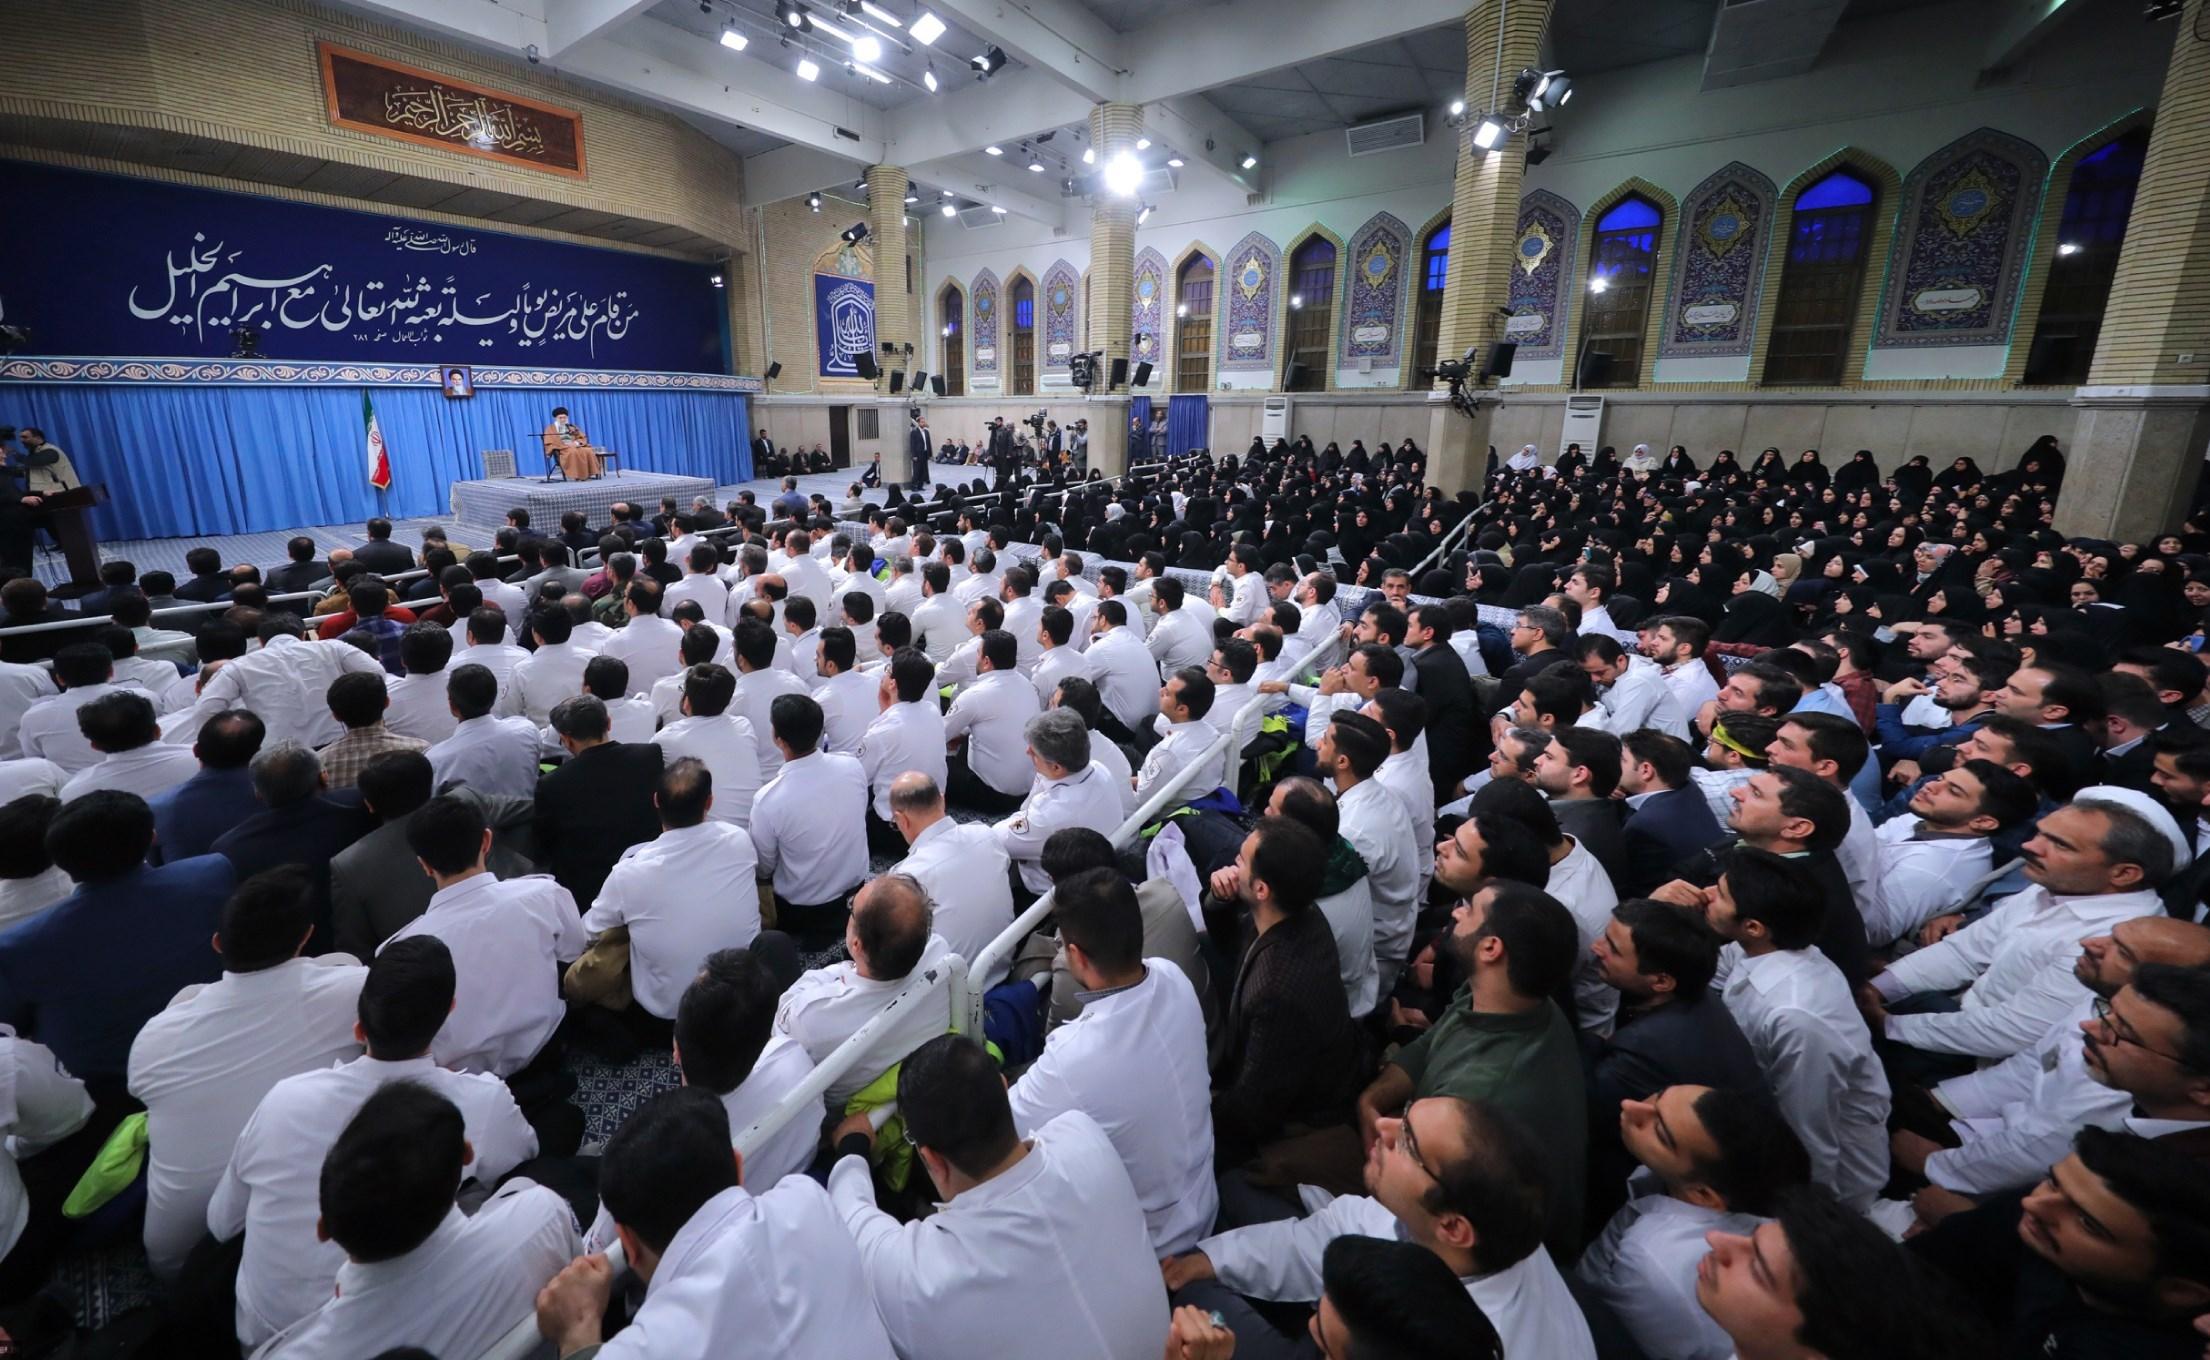 السيد خامنئي: إيران ستضرب جهاراً ومن دون تحفظ كل من يهددها